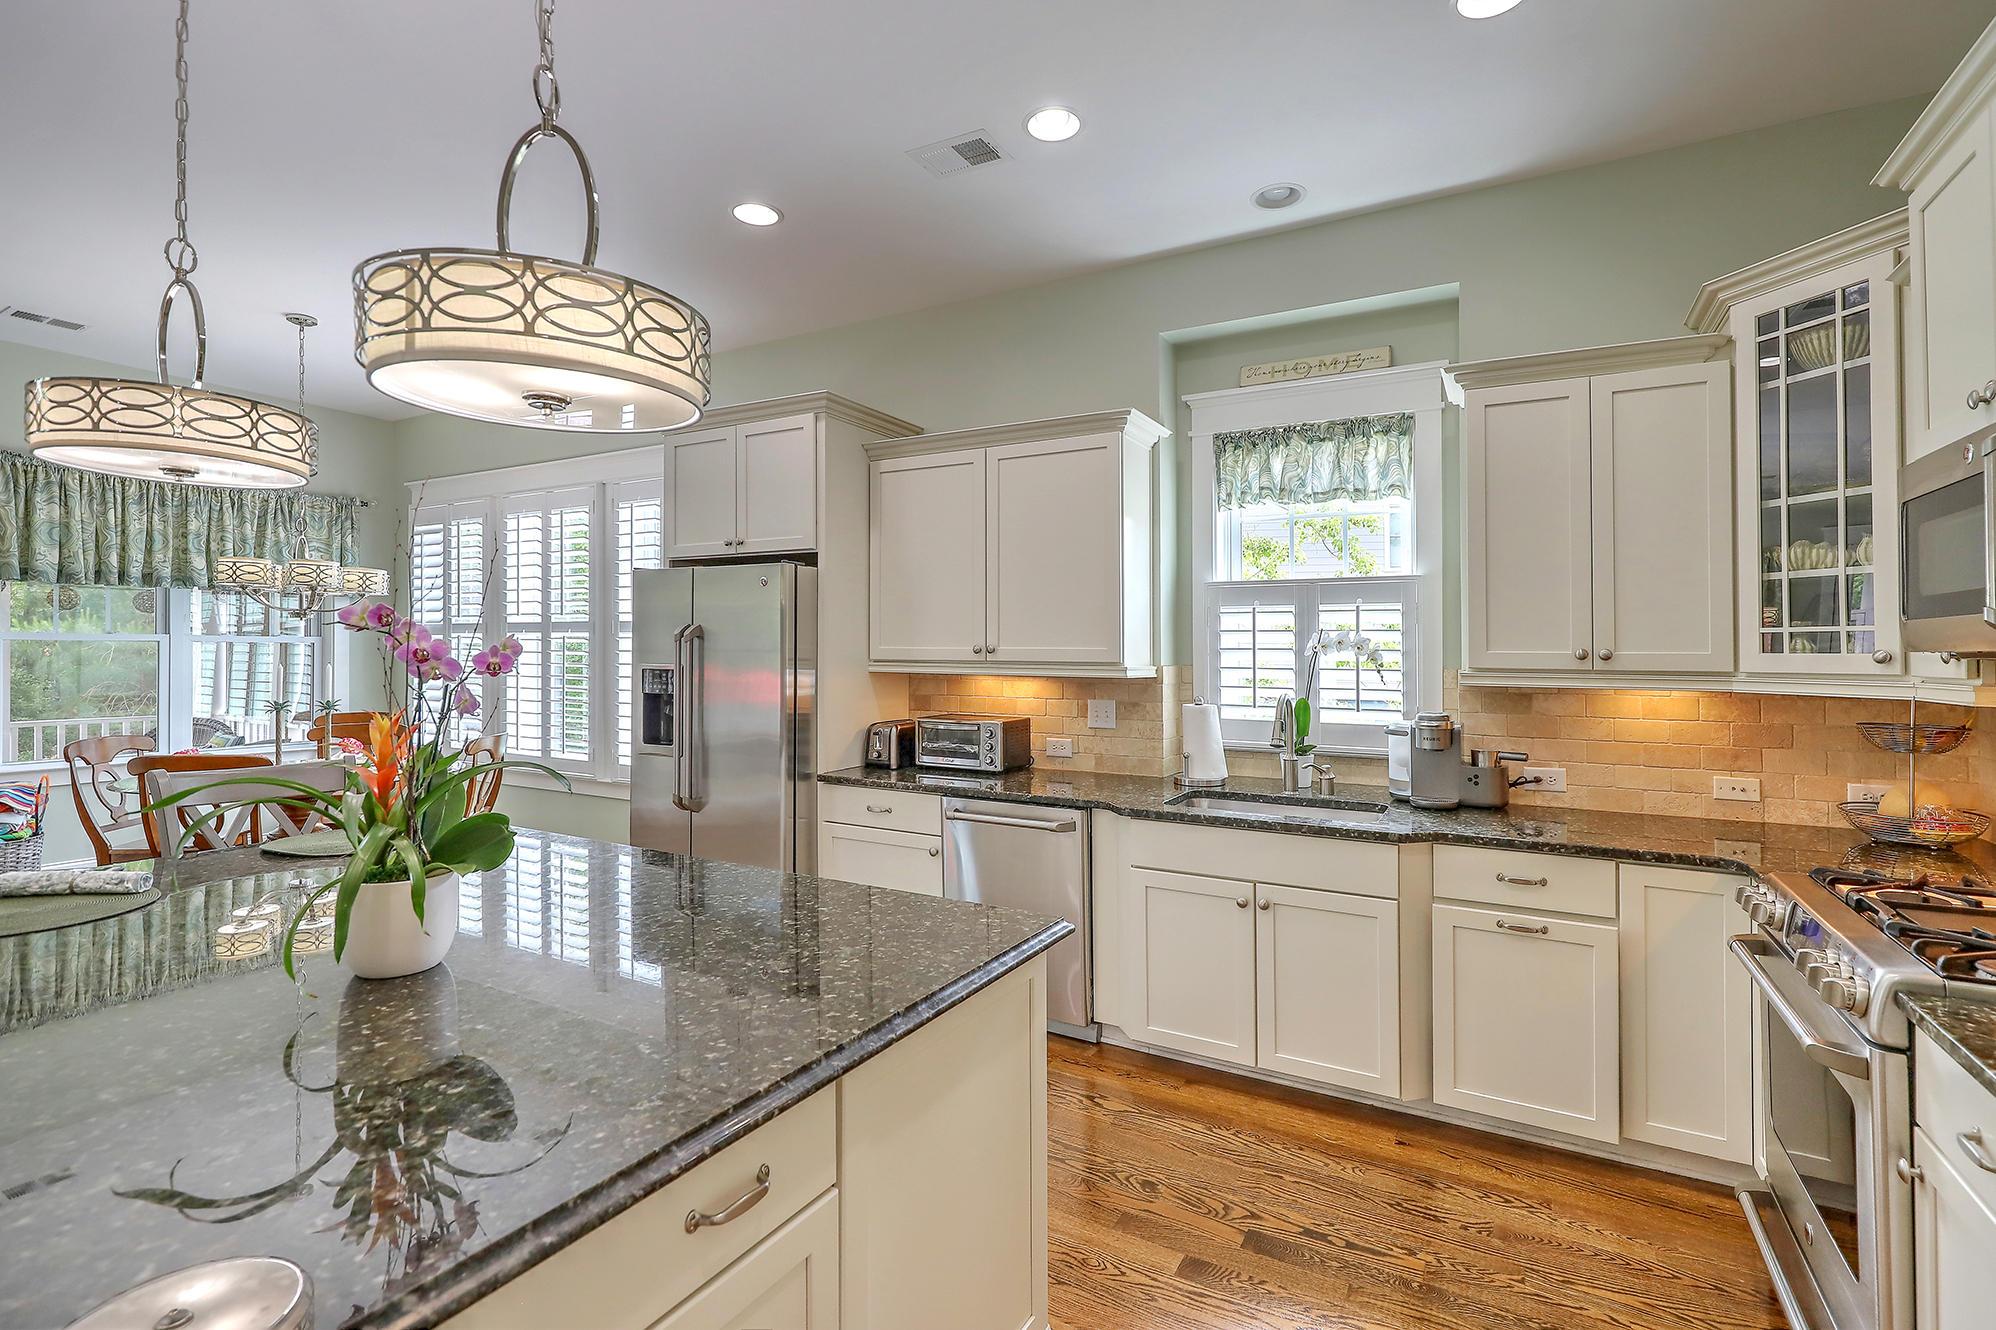 Park West Homes For Sale - 1516 Capel, Mount Pleasant, SC - 28